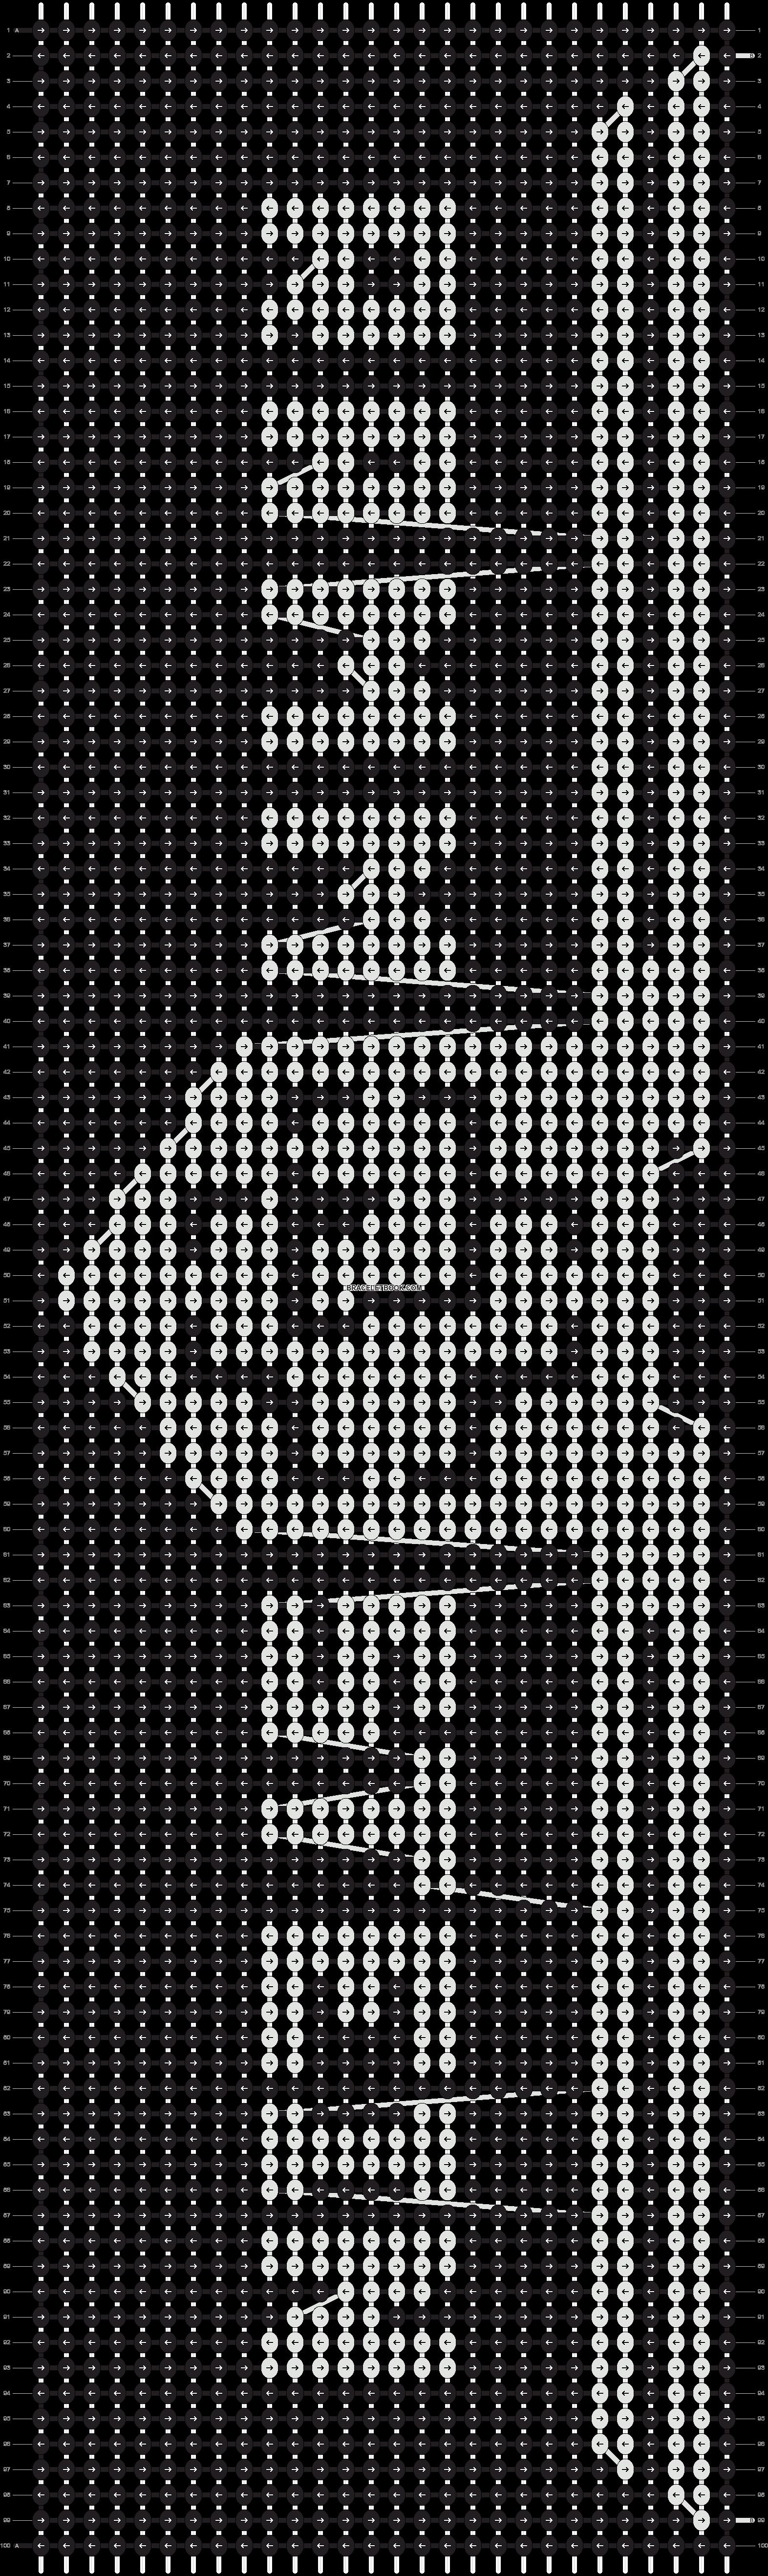 Alpha Pattern #9367 added by TrueFalse